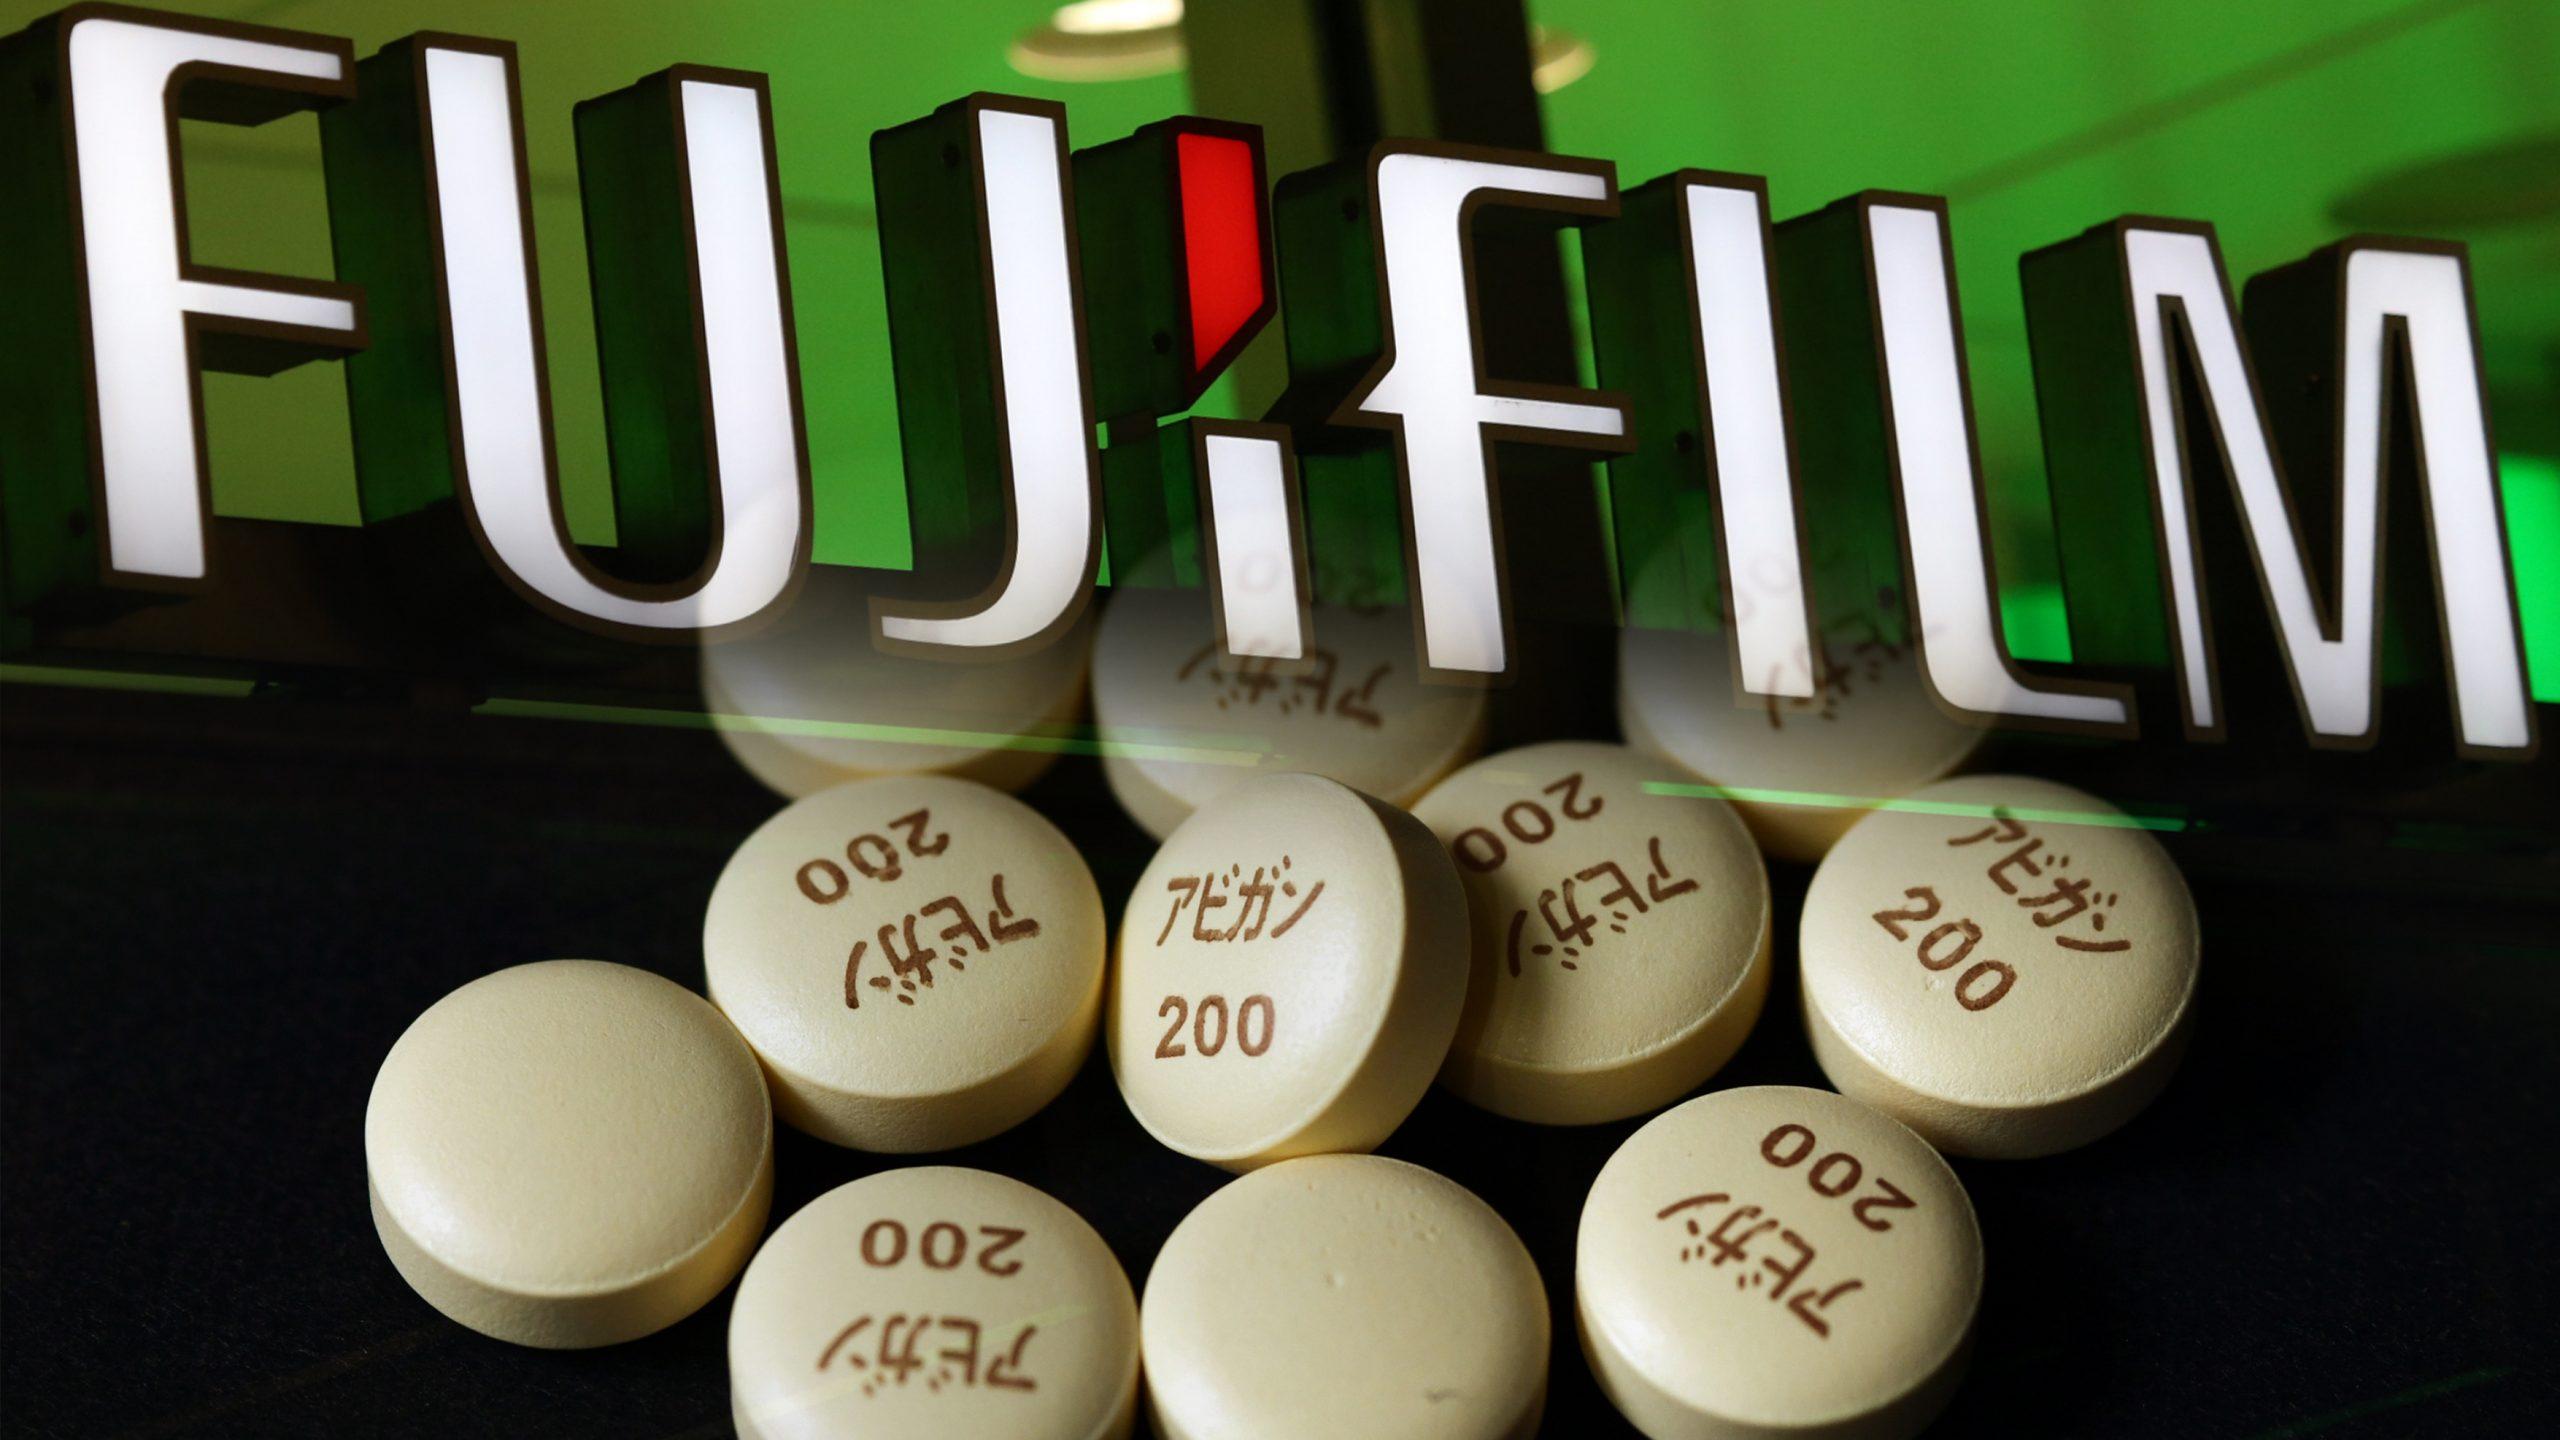 Fujifilm παραγωγική μονάδα:  Νέα επιχειρηματική κίνηση της ιαπωνικής φαρμακοβιομηχανίας